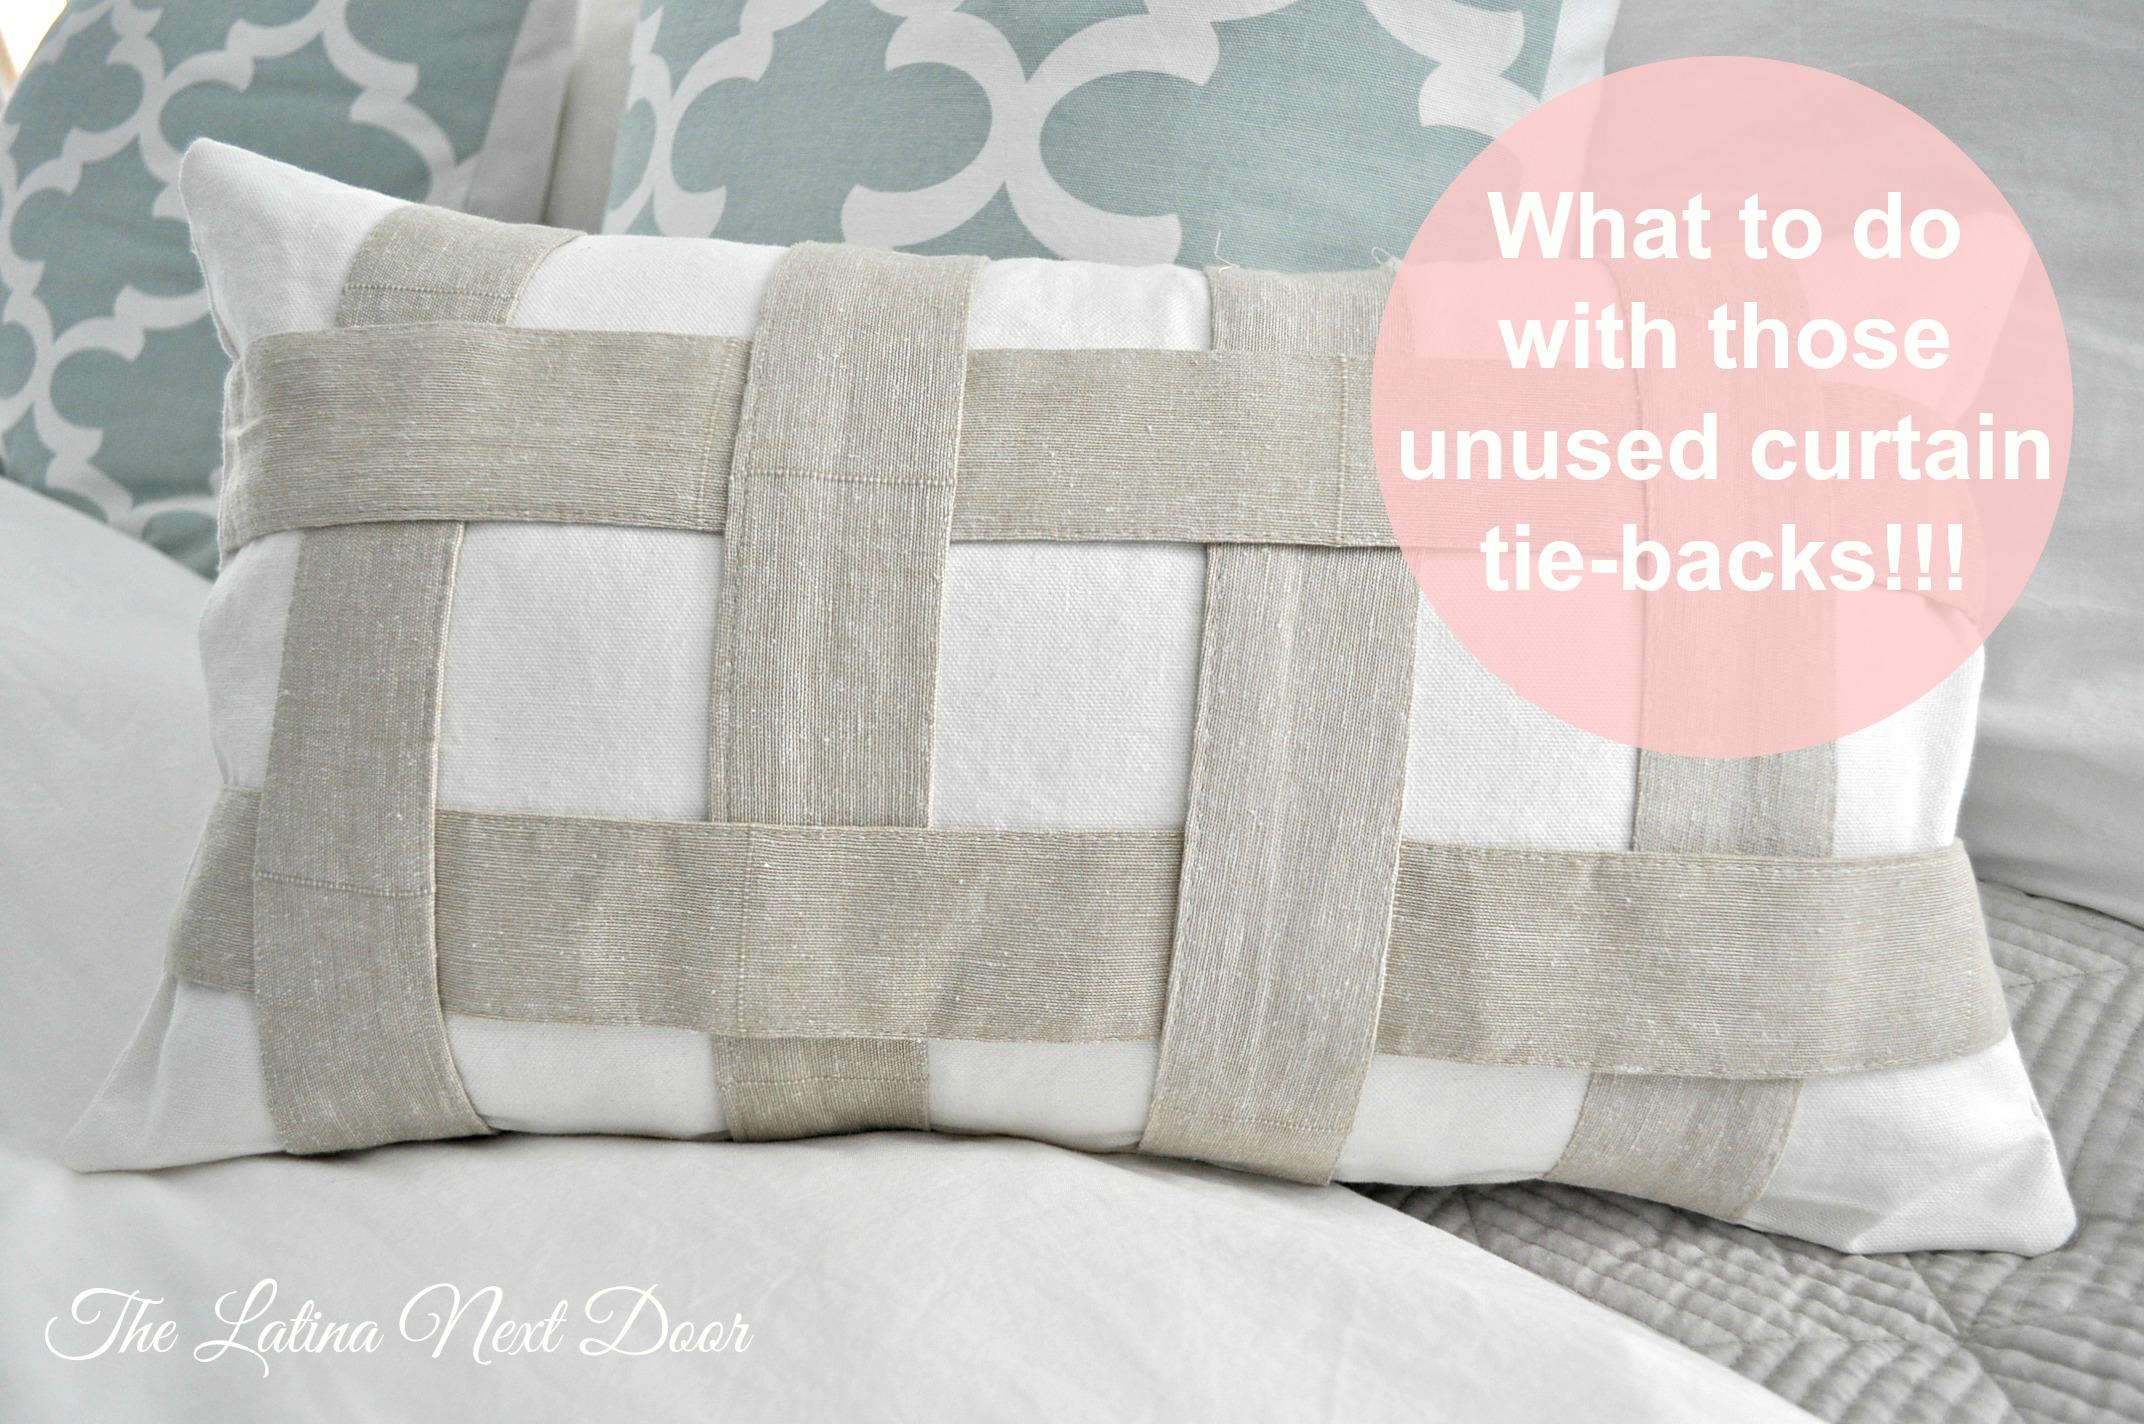 Tie Back Pillow Pin Repurpose those unused curtain tie backs